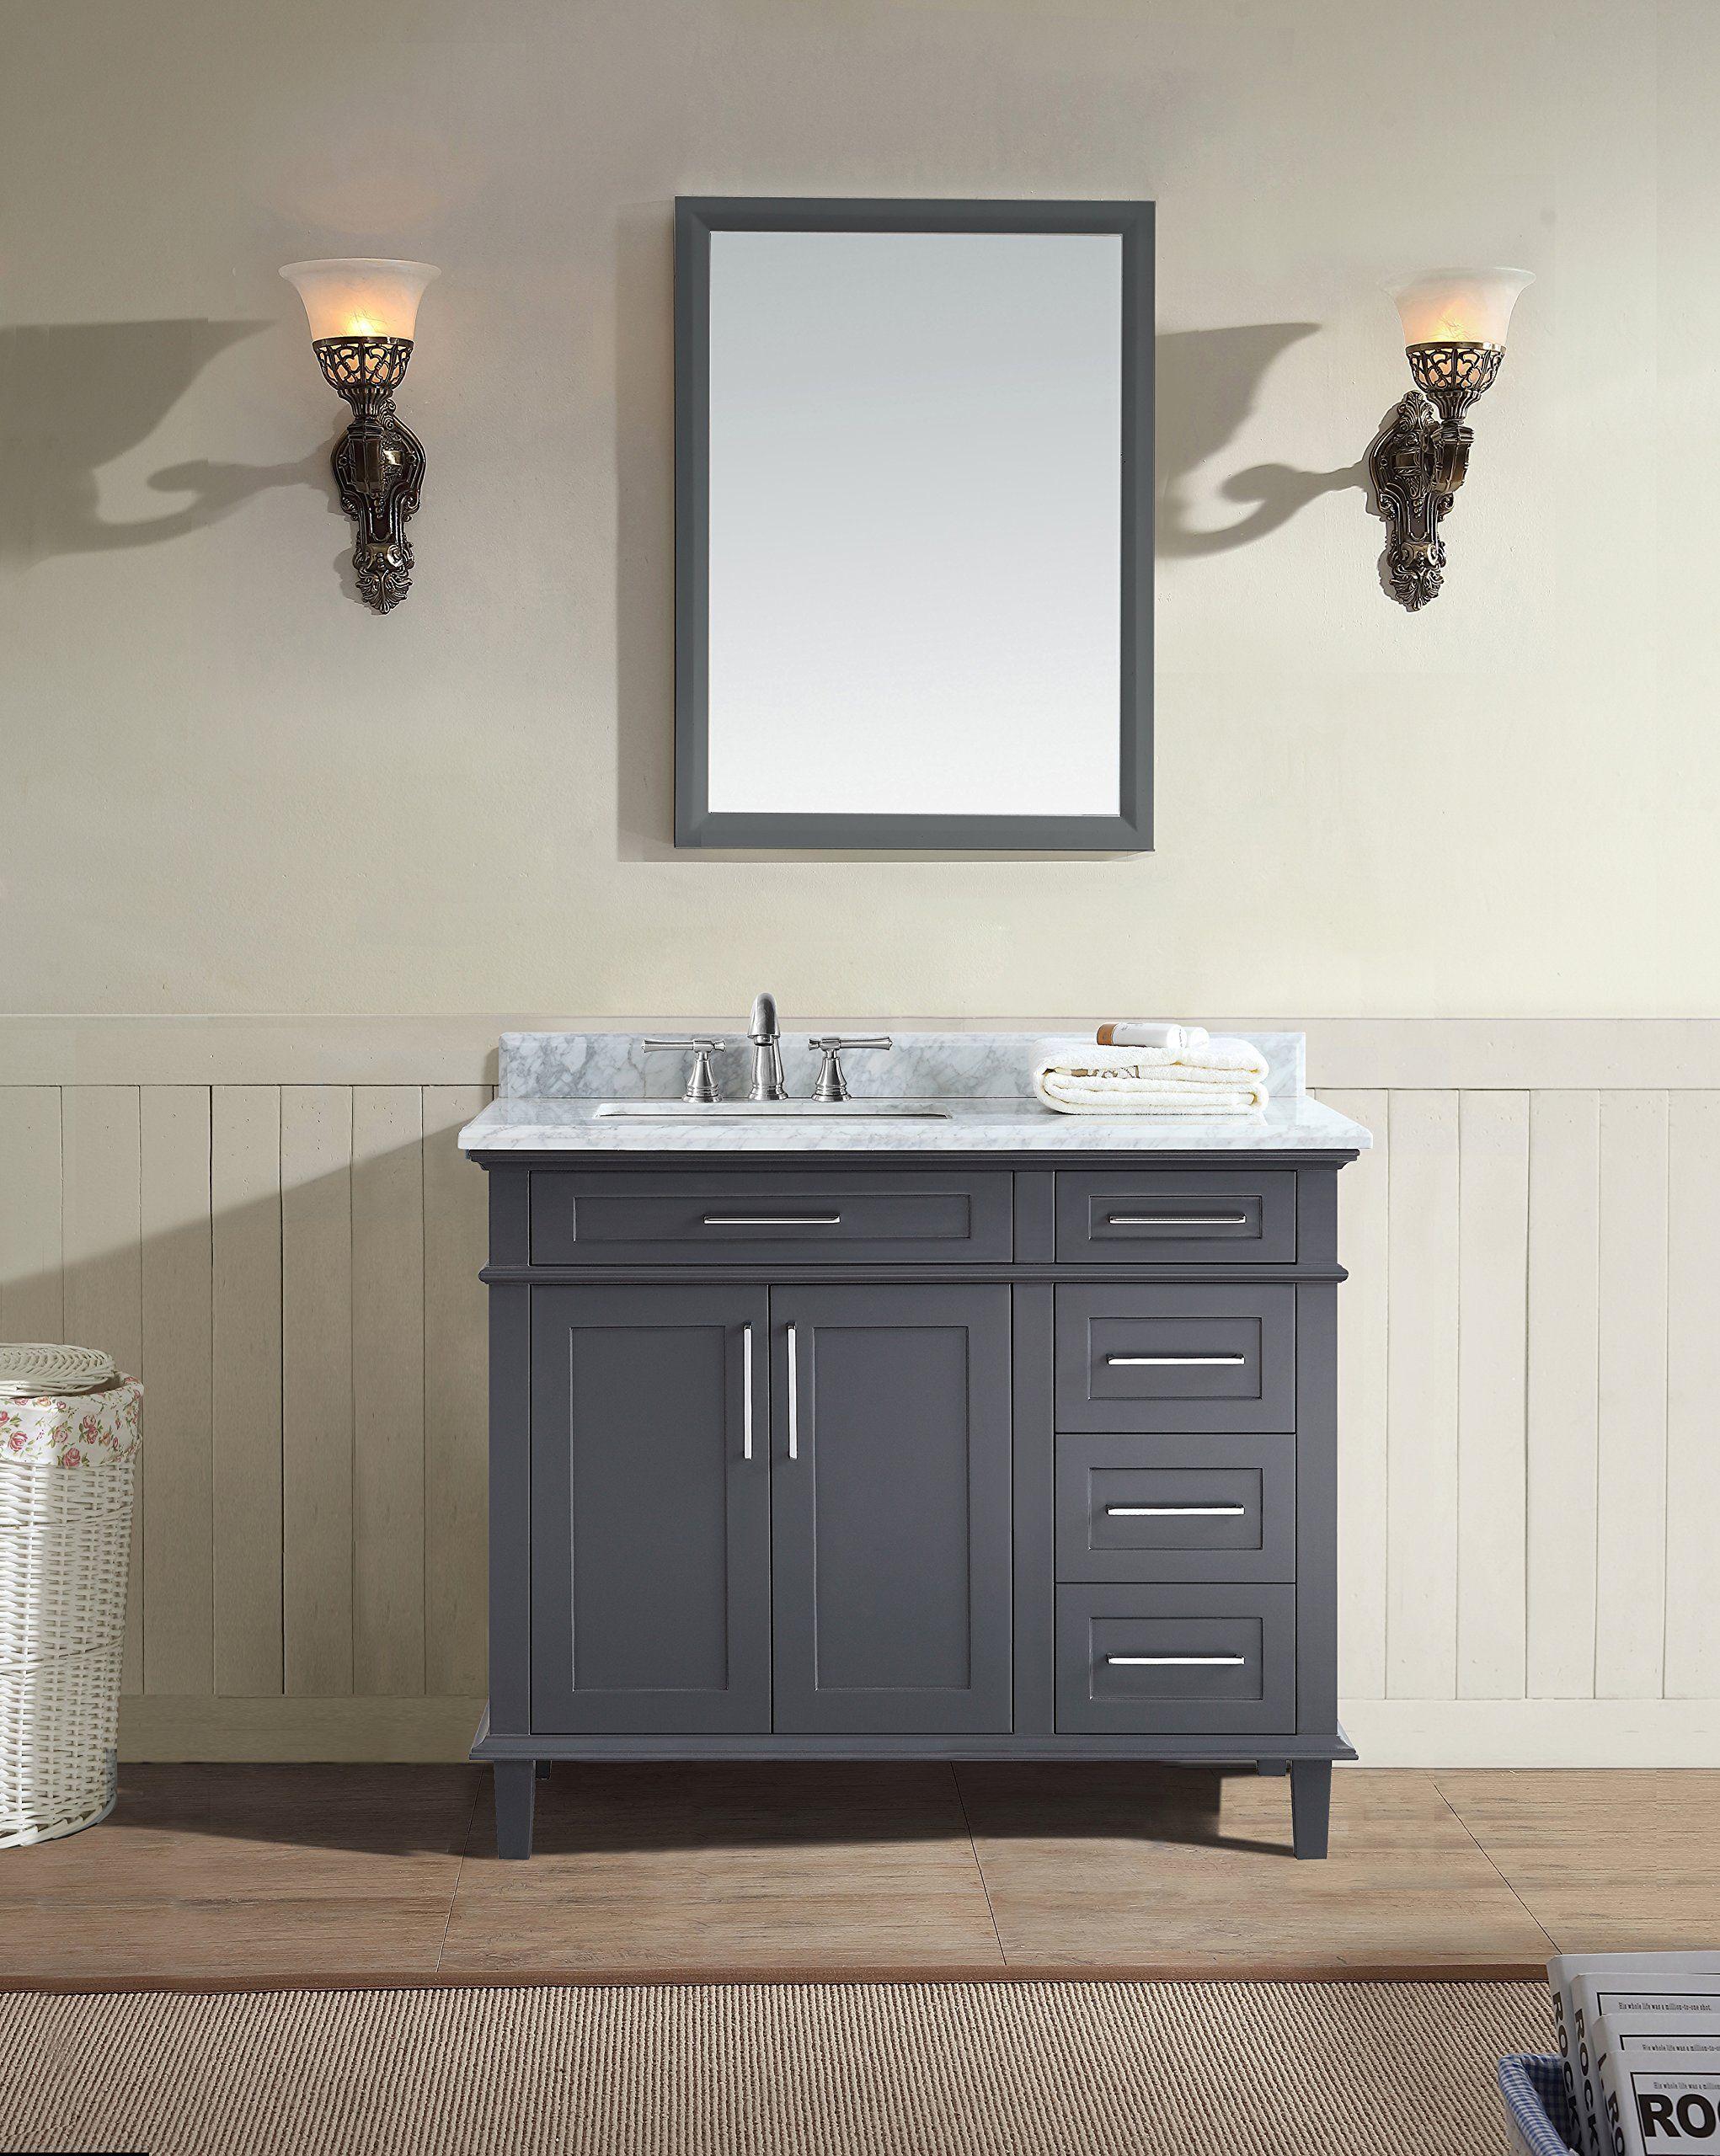 Ari Kitchen And Bath Newport Bathroom Vanity Charcoal Gray 42 W